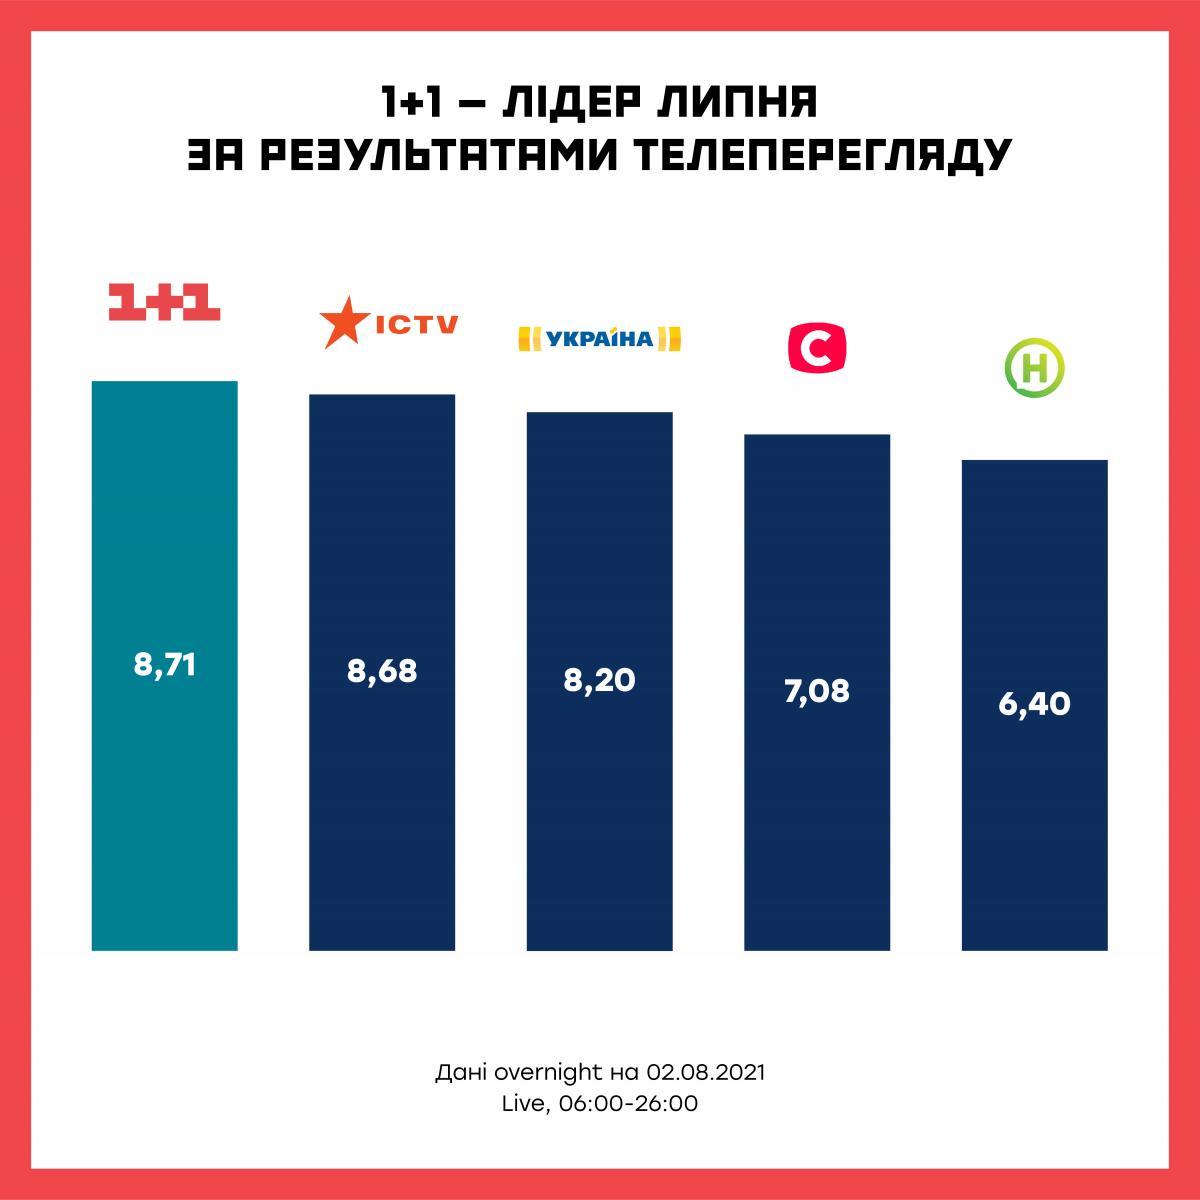 Телеканал 1+1 став лідером телеперегляду за результатами липня